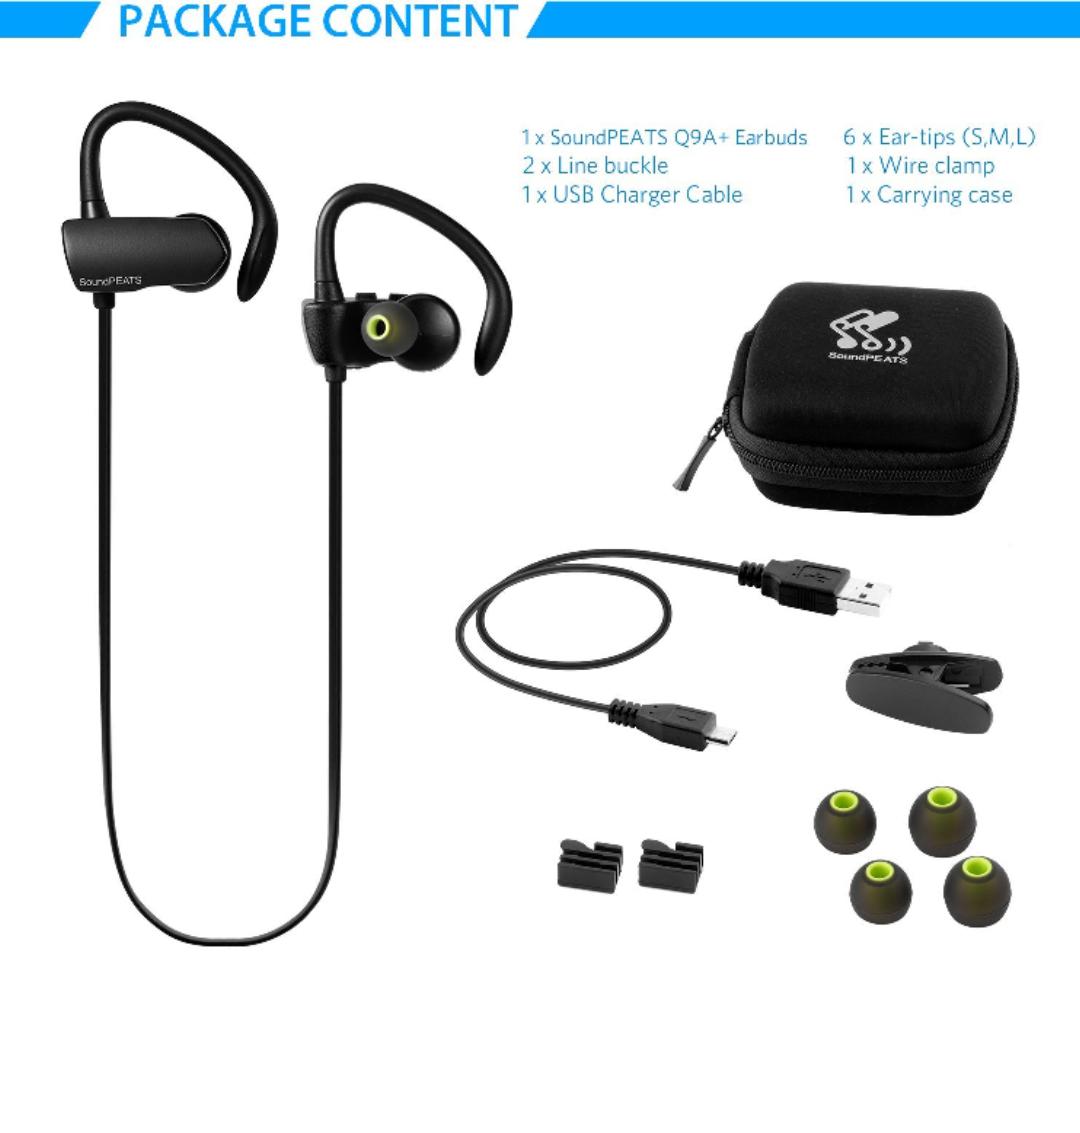 Bluetooth-Kopfhörer, Blitzangebot, Durchschnittspreis 25,09 €